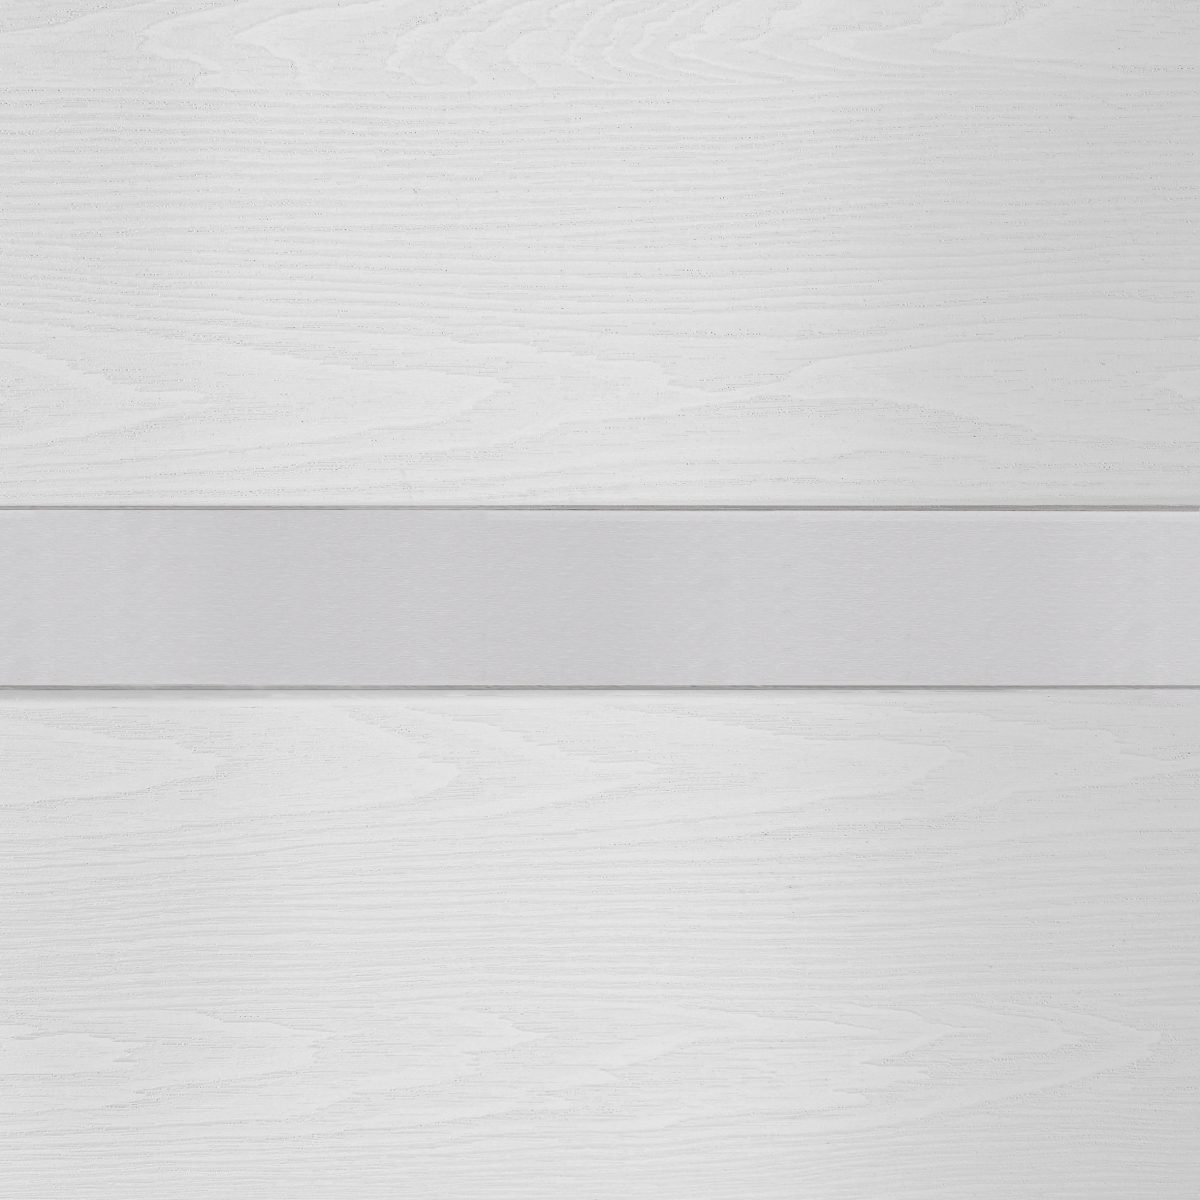 Дверь Межкомнатная Глухая С Замком В Комплекте Белиз 80x200 Пвх Цвет Дуб Белый